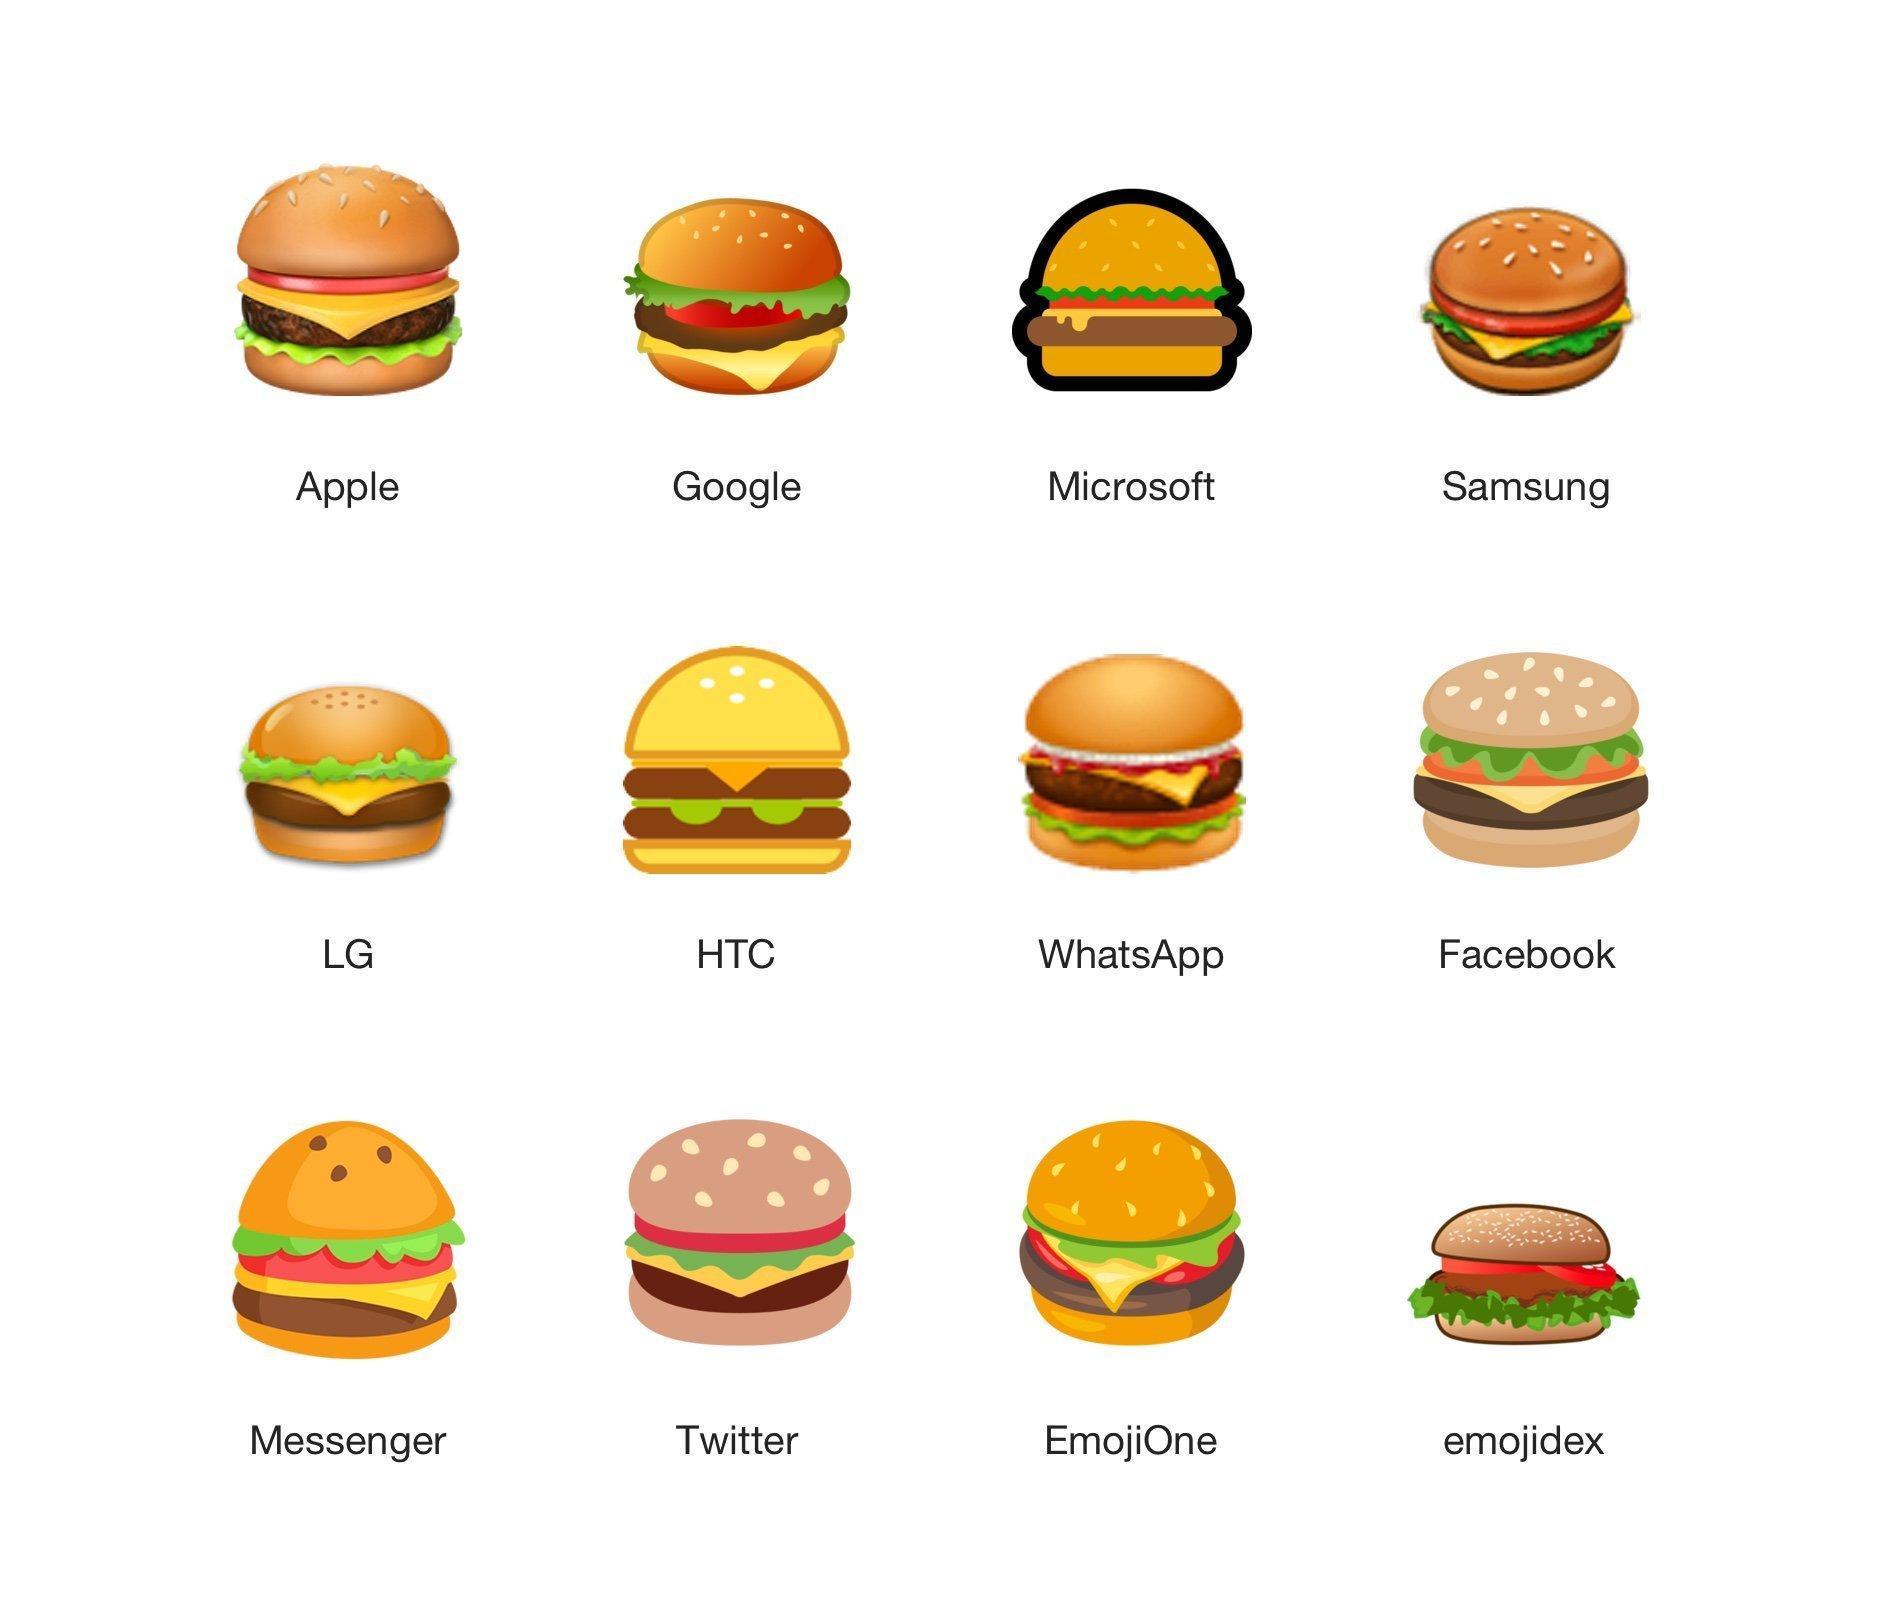 Wie sieht der perfekte Cheeseburger aus? Jeder Hersteller hat da so seine eigene Vorstellung.